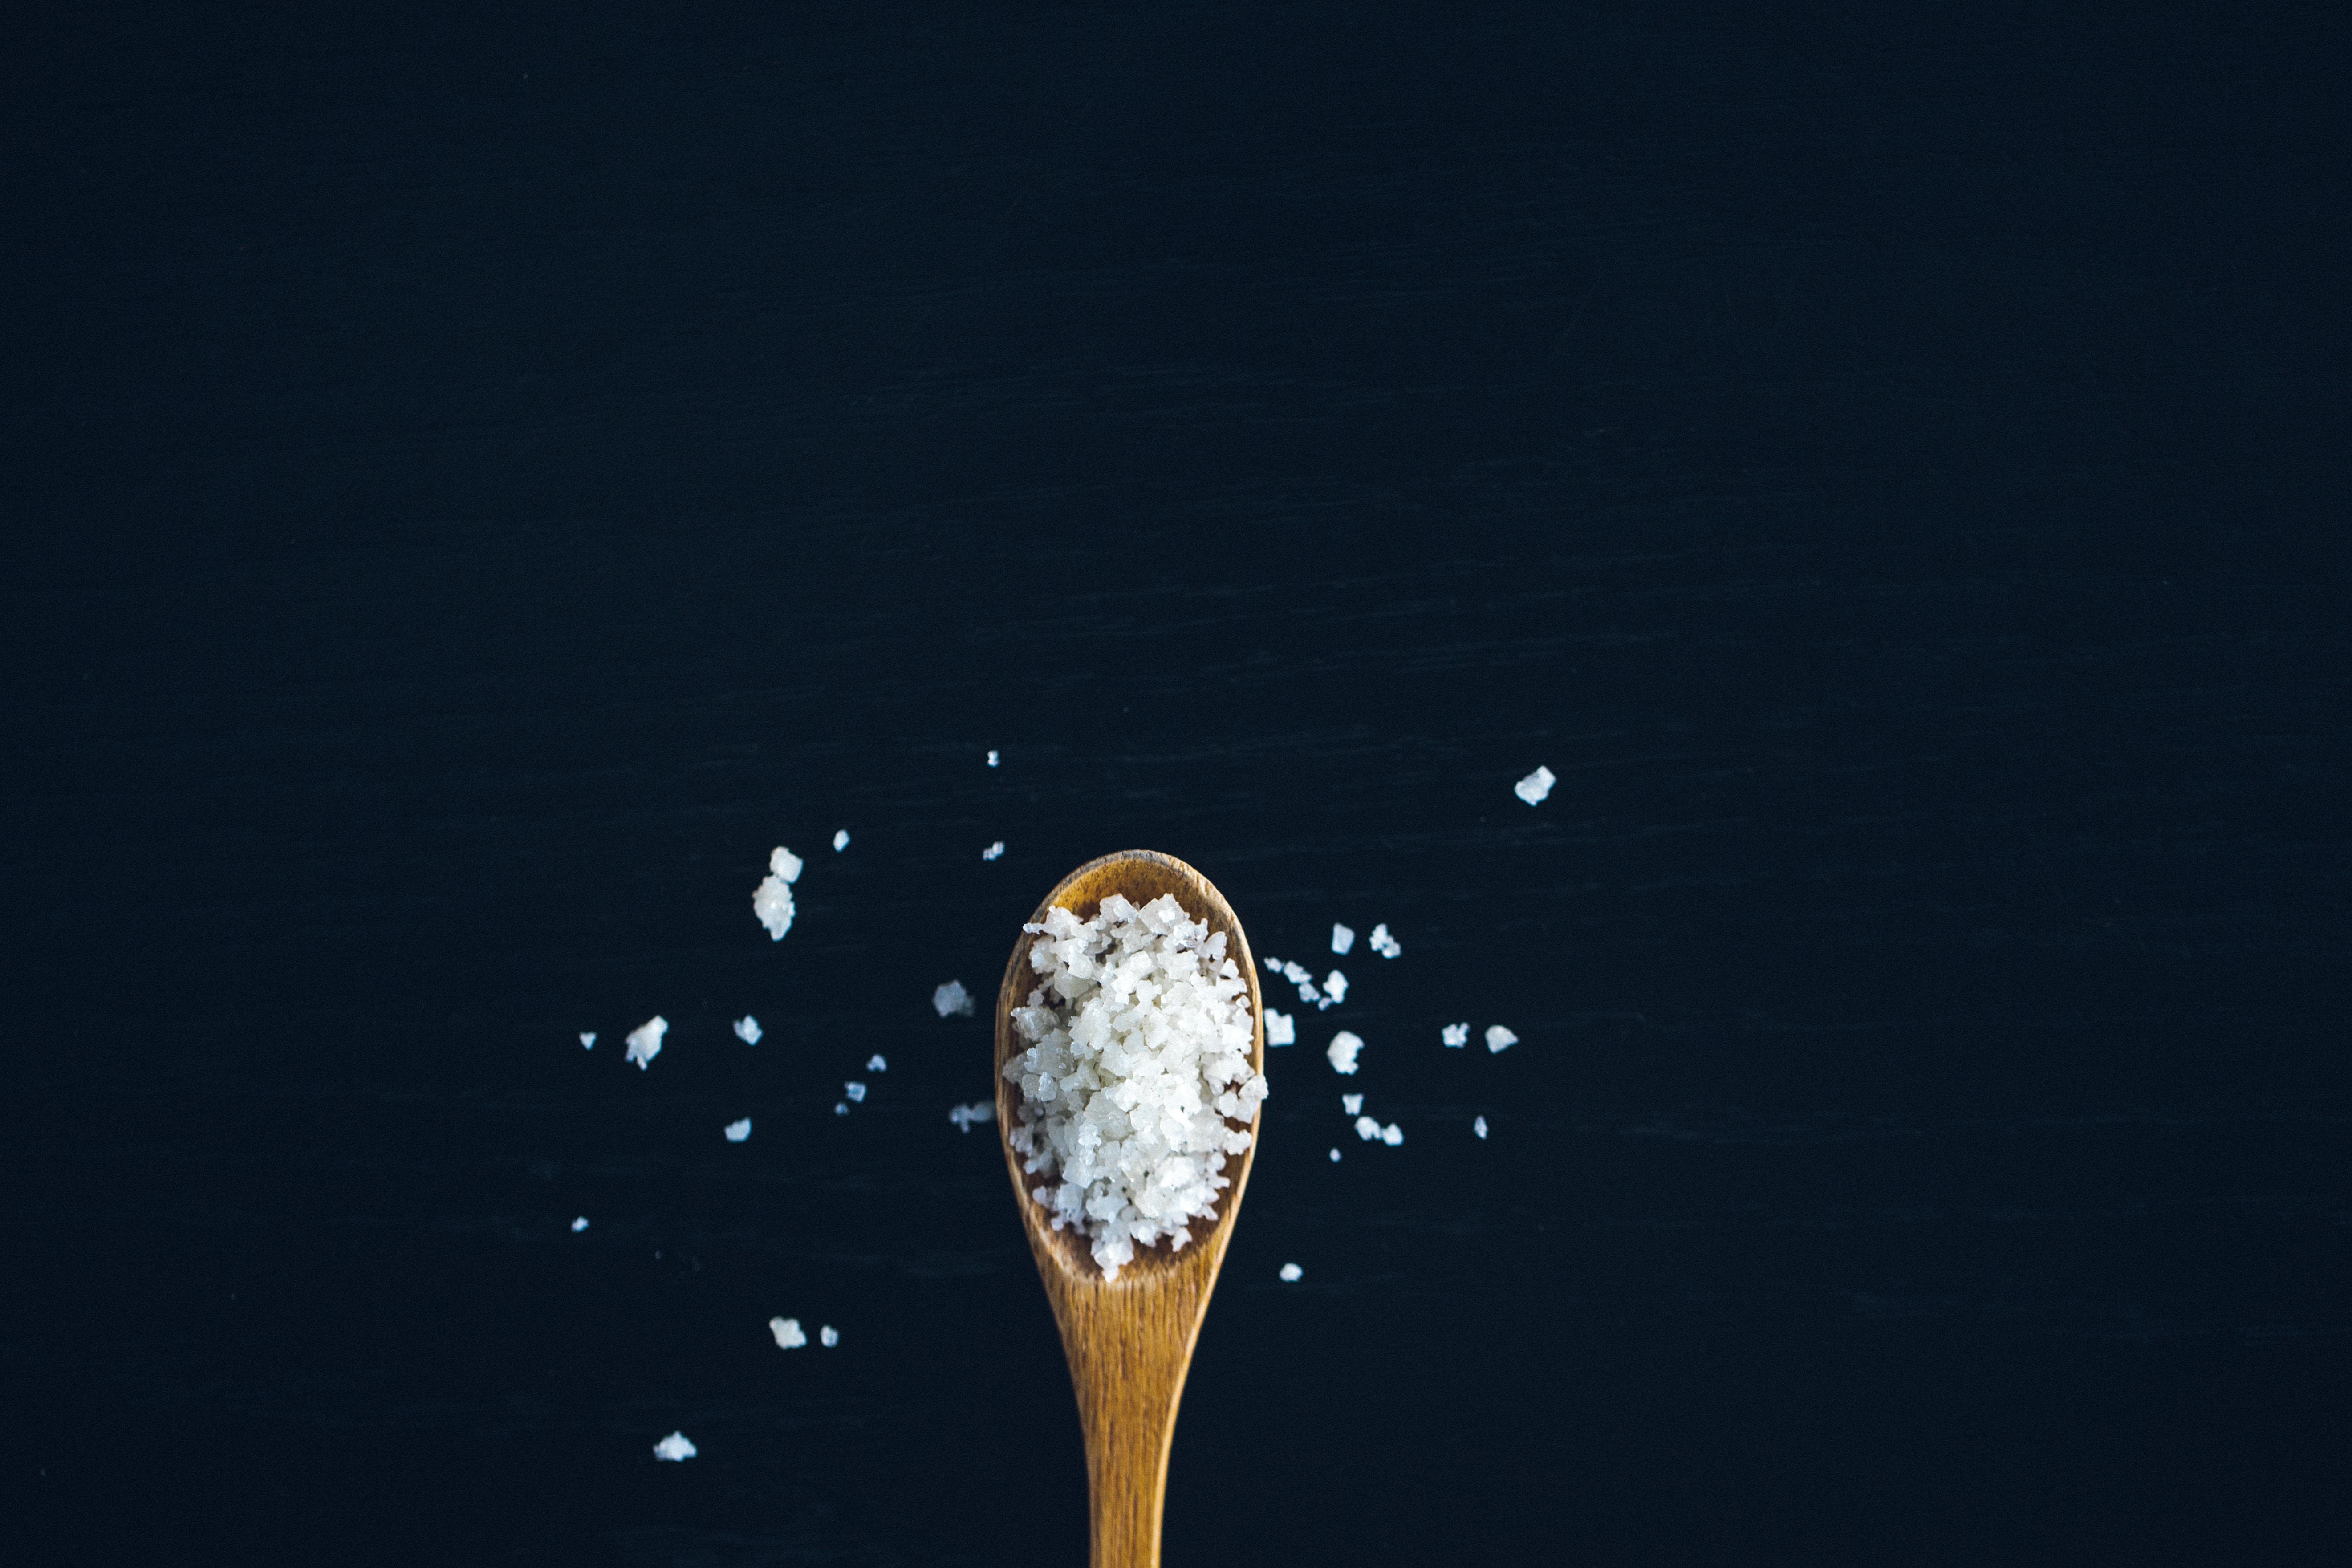 Salt in food